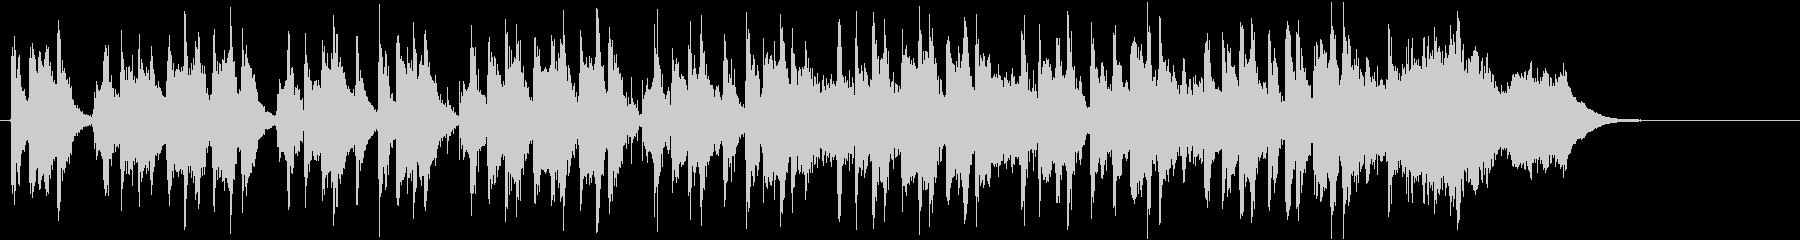 勇ましいオーケストラ-短縮版-の未再生の波形